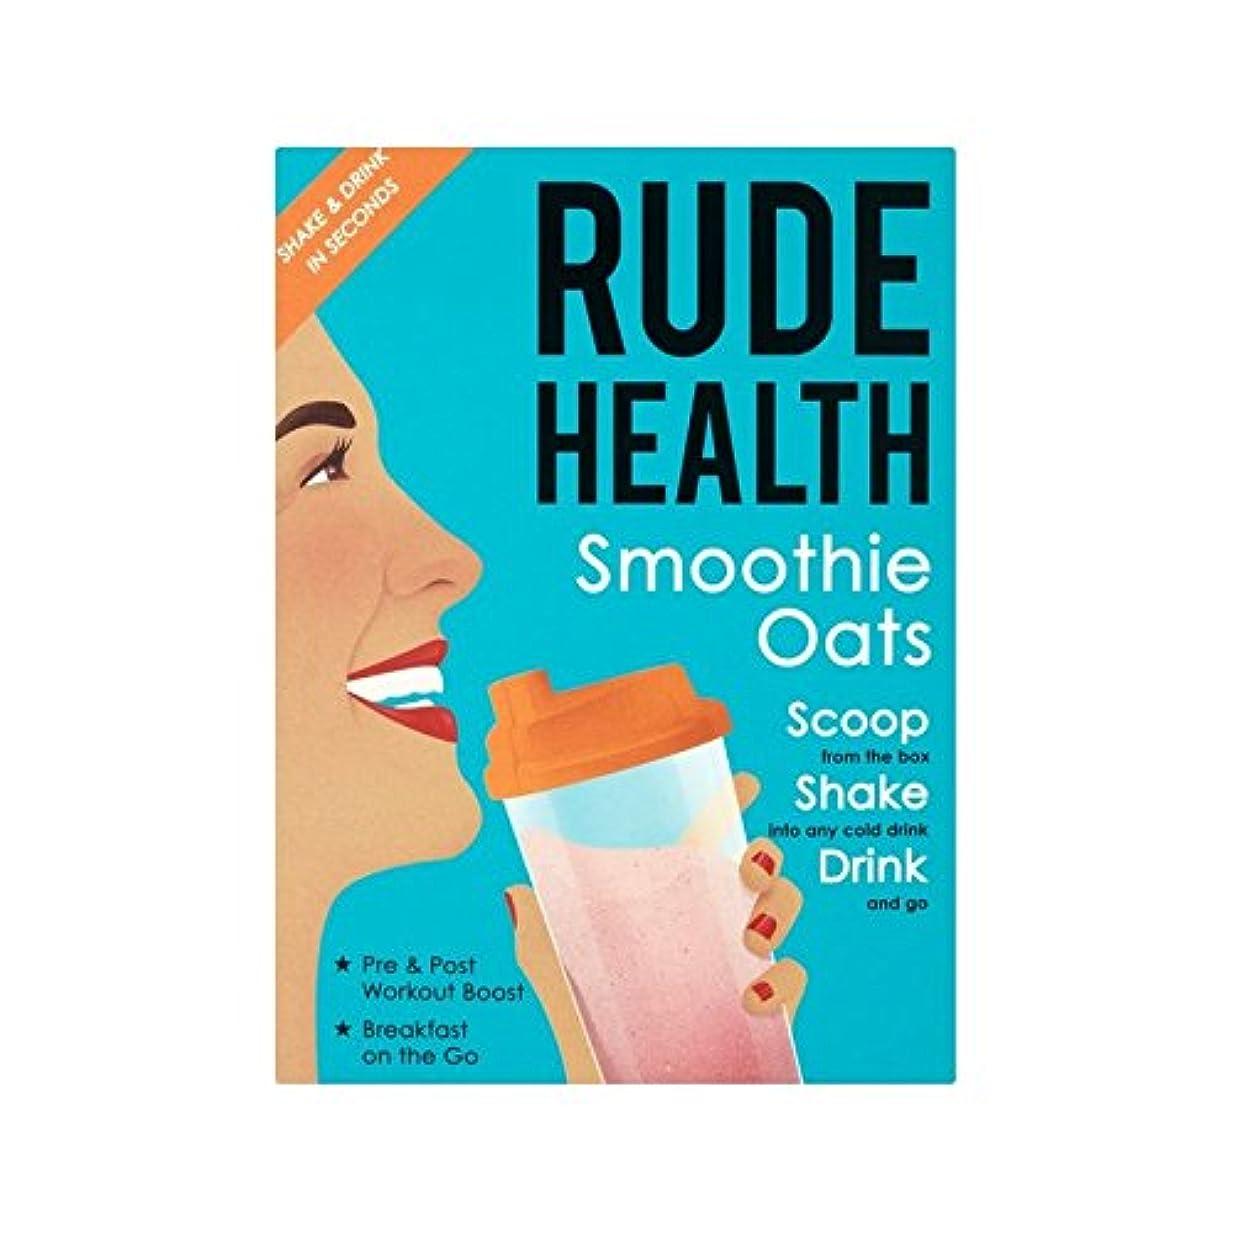 発症床を掃除する魅力的であることへのアピールスムージーオート麦250グラム (Rude Health) (x 4) - Rude Health Smoothie Oats 250g (Pack of 4) [並行輸入品]